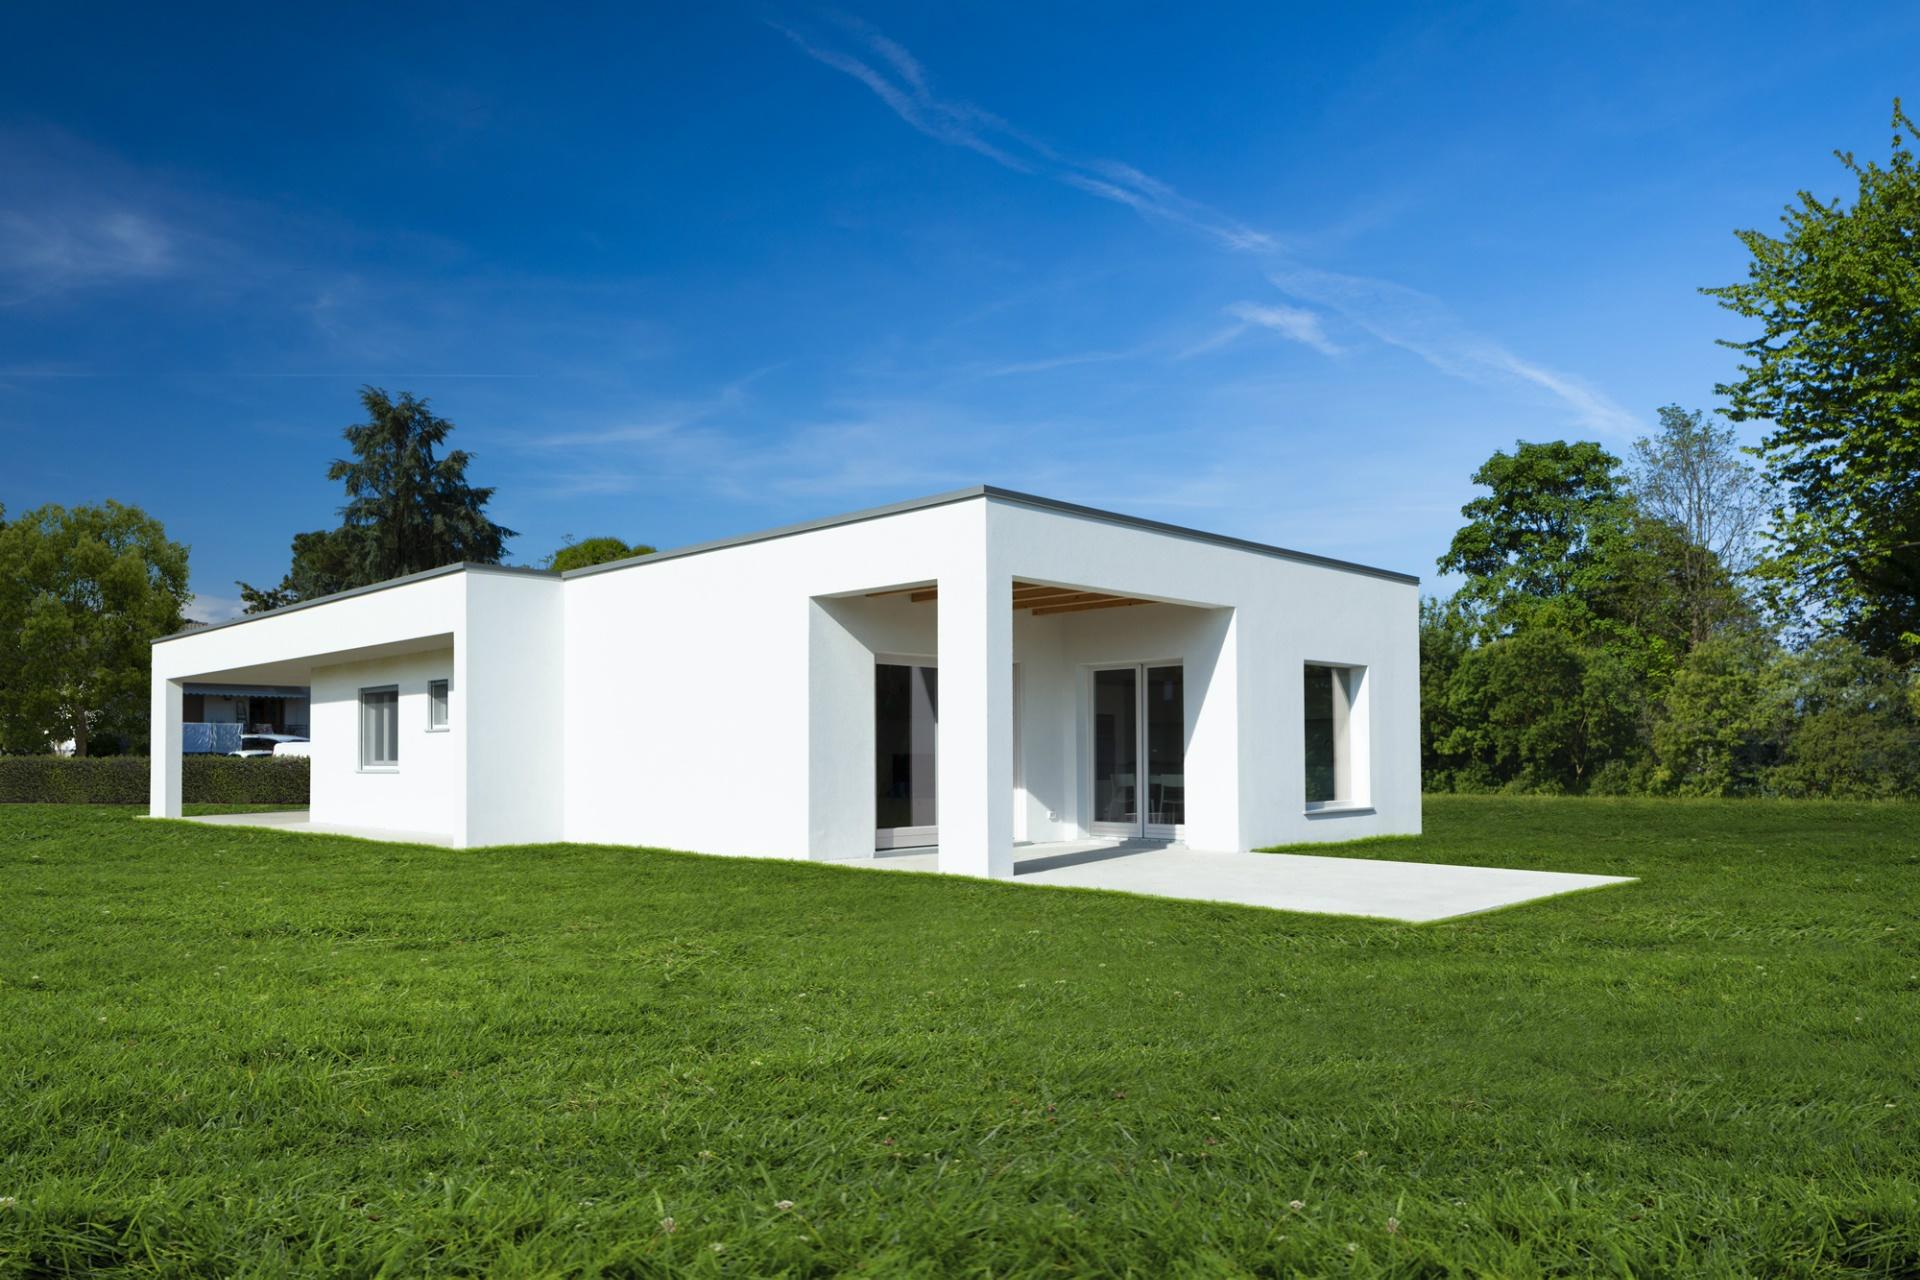 Casa immersa nel verde a udine evoluthion srl for Casa moderna ud